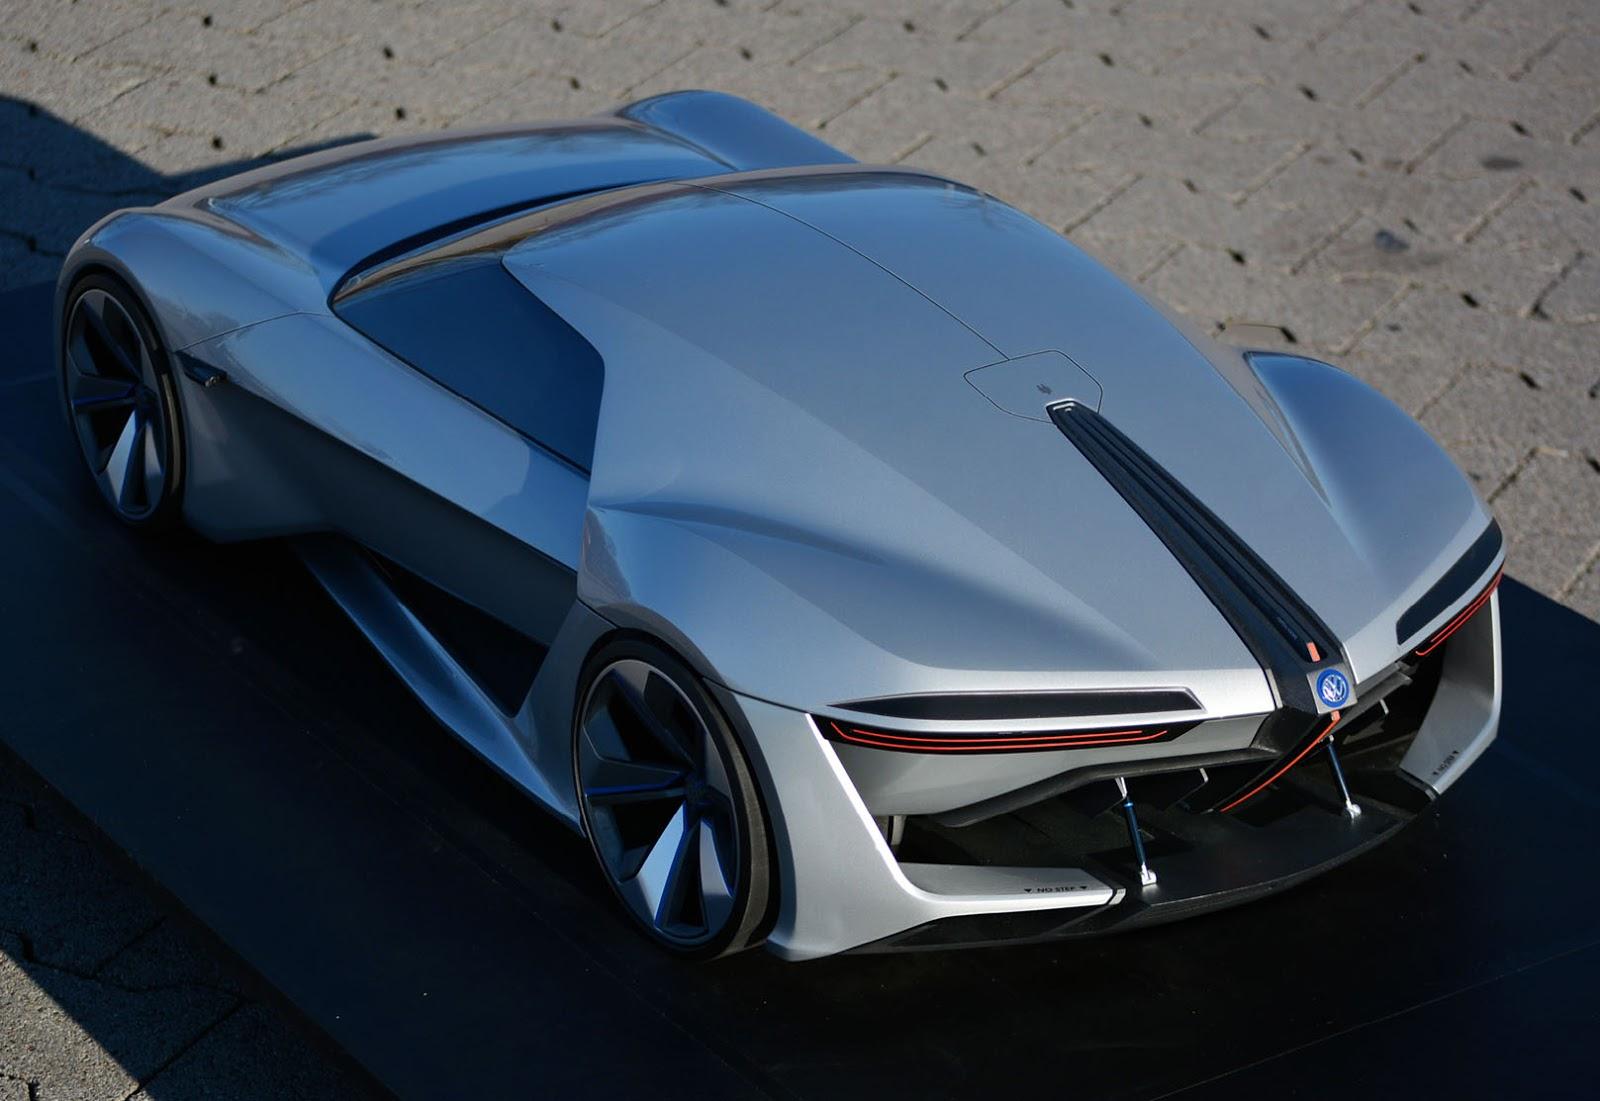 [Sujet officiel] Le process design (maquette à la série) - Page 15 Eli-Shala-VW-Coupe-Concept-Carscoops21